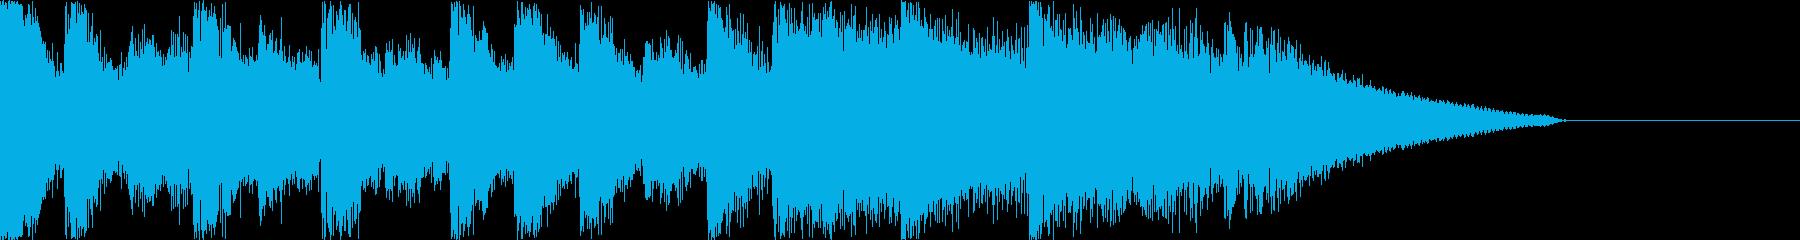 少し緊迫感あるちょっぴりホラーなジングルの再生済みの波形